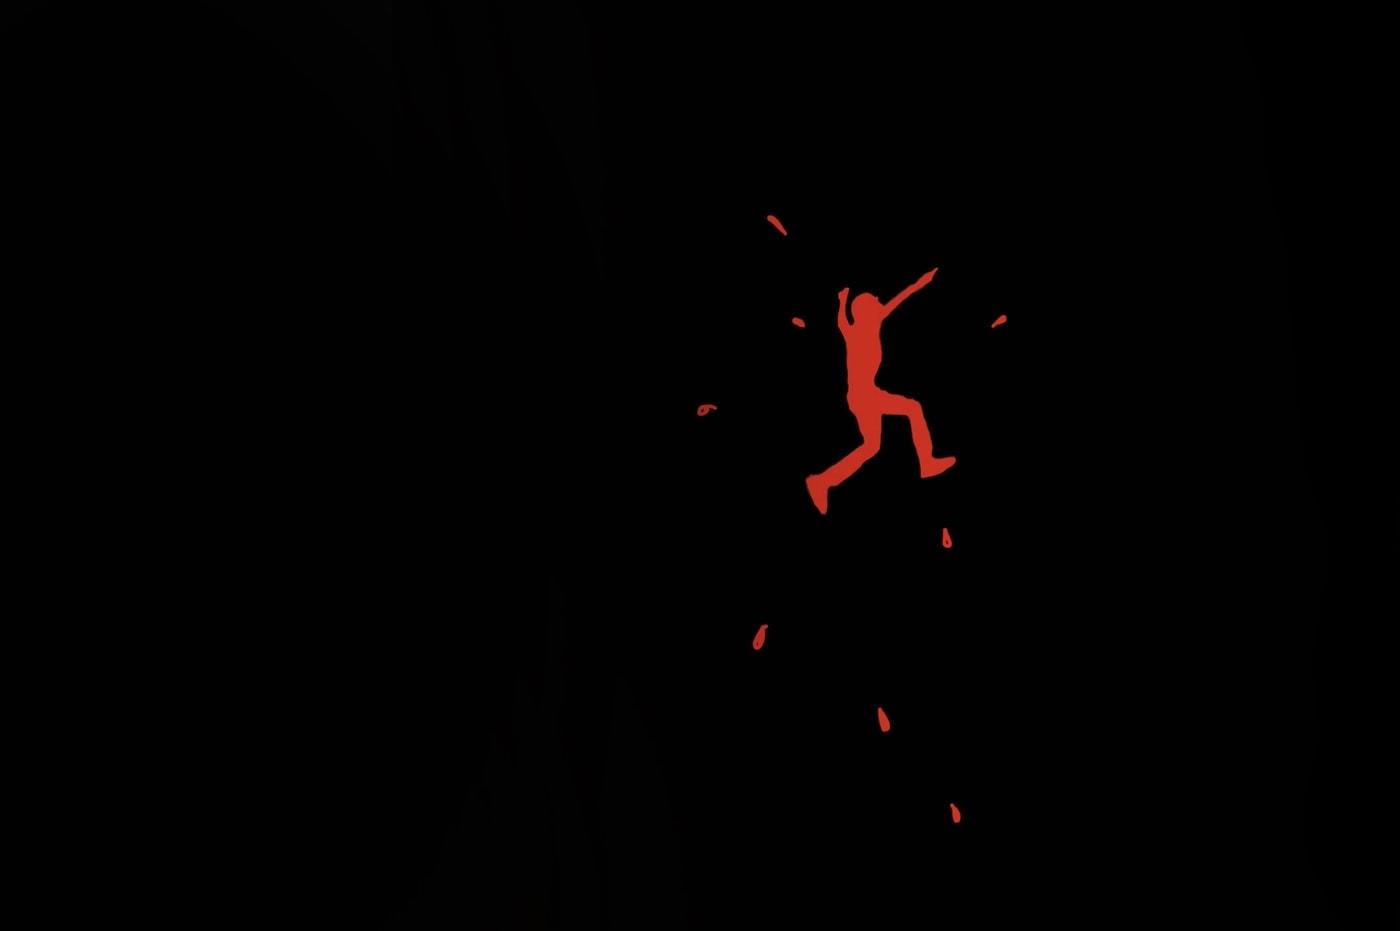 В Большом театре — премьера оперы Бенджамина Бриттена «Маленький трубочист»